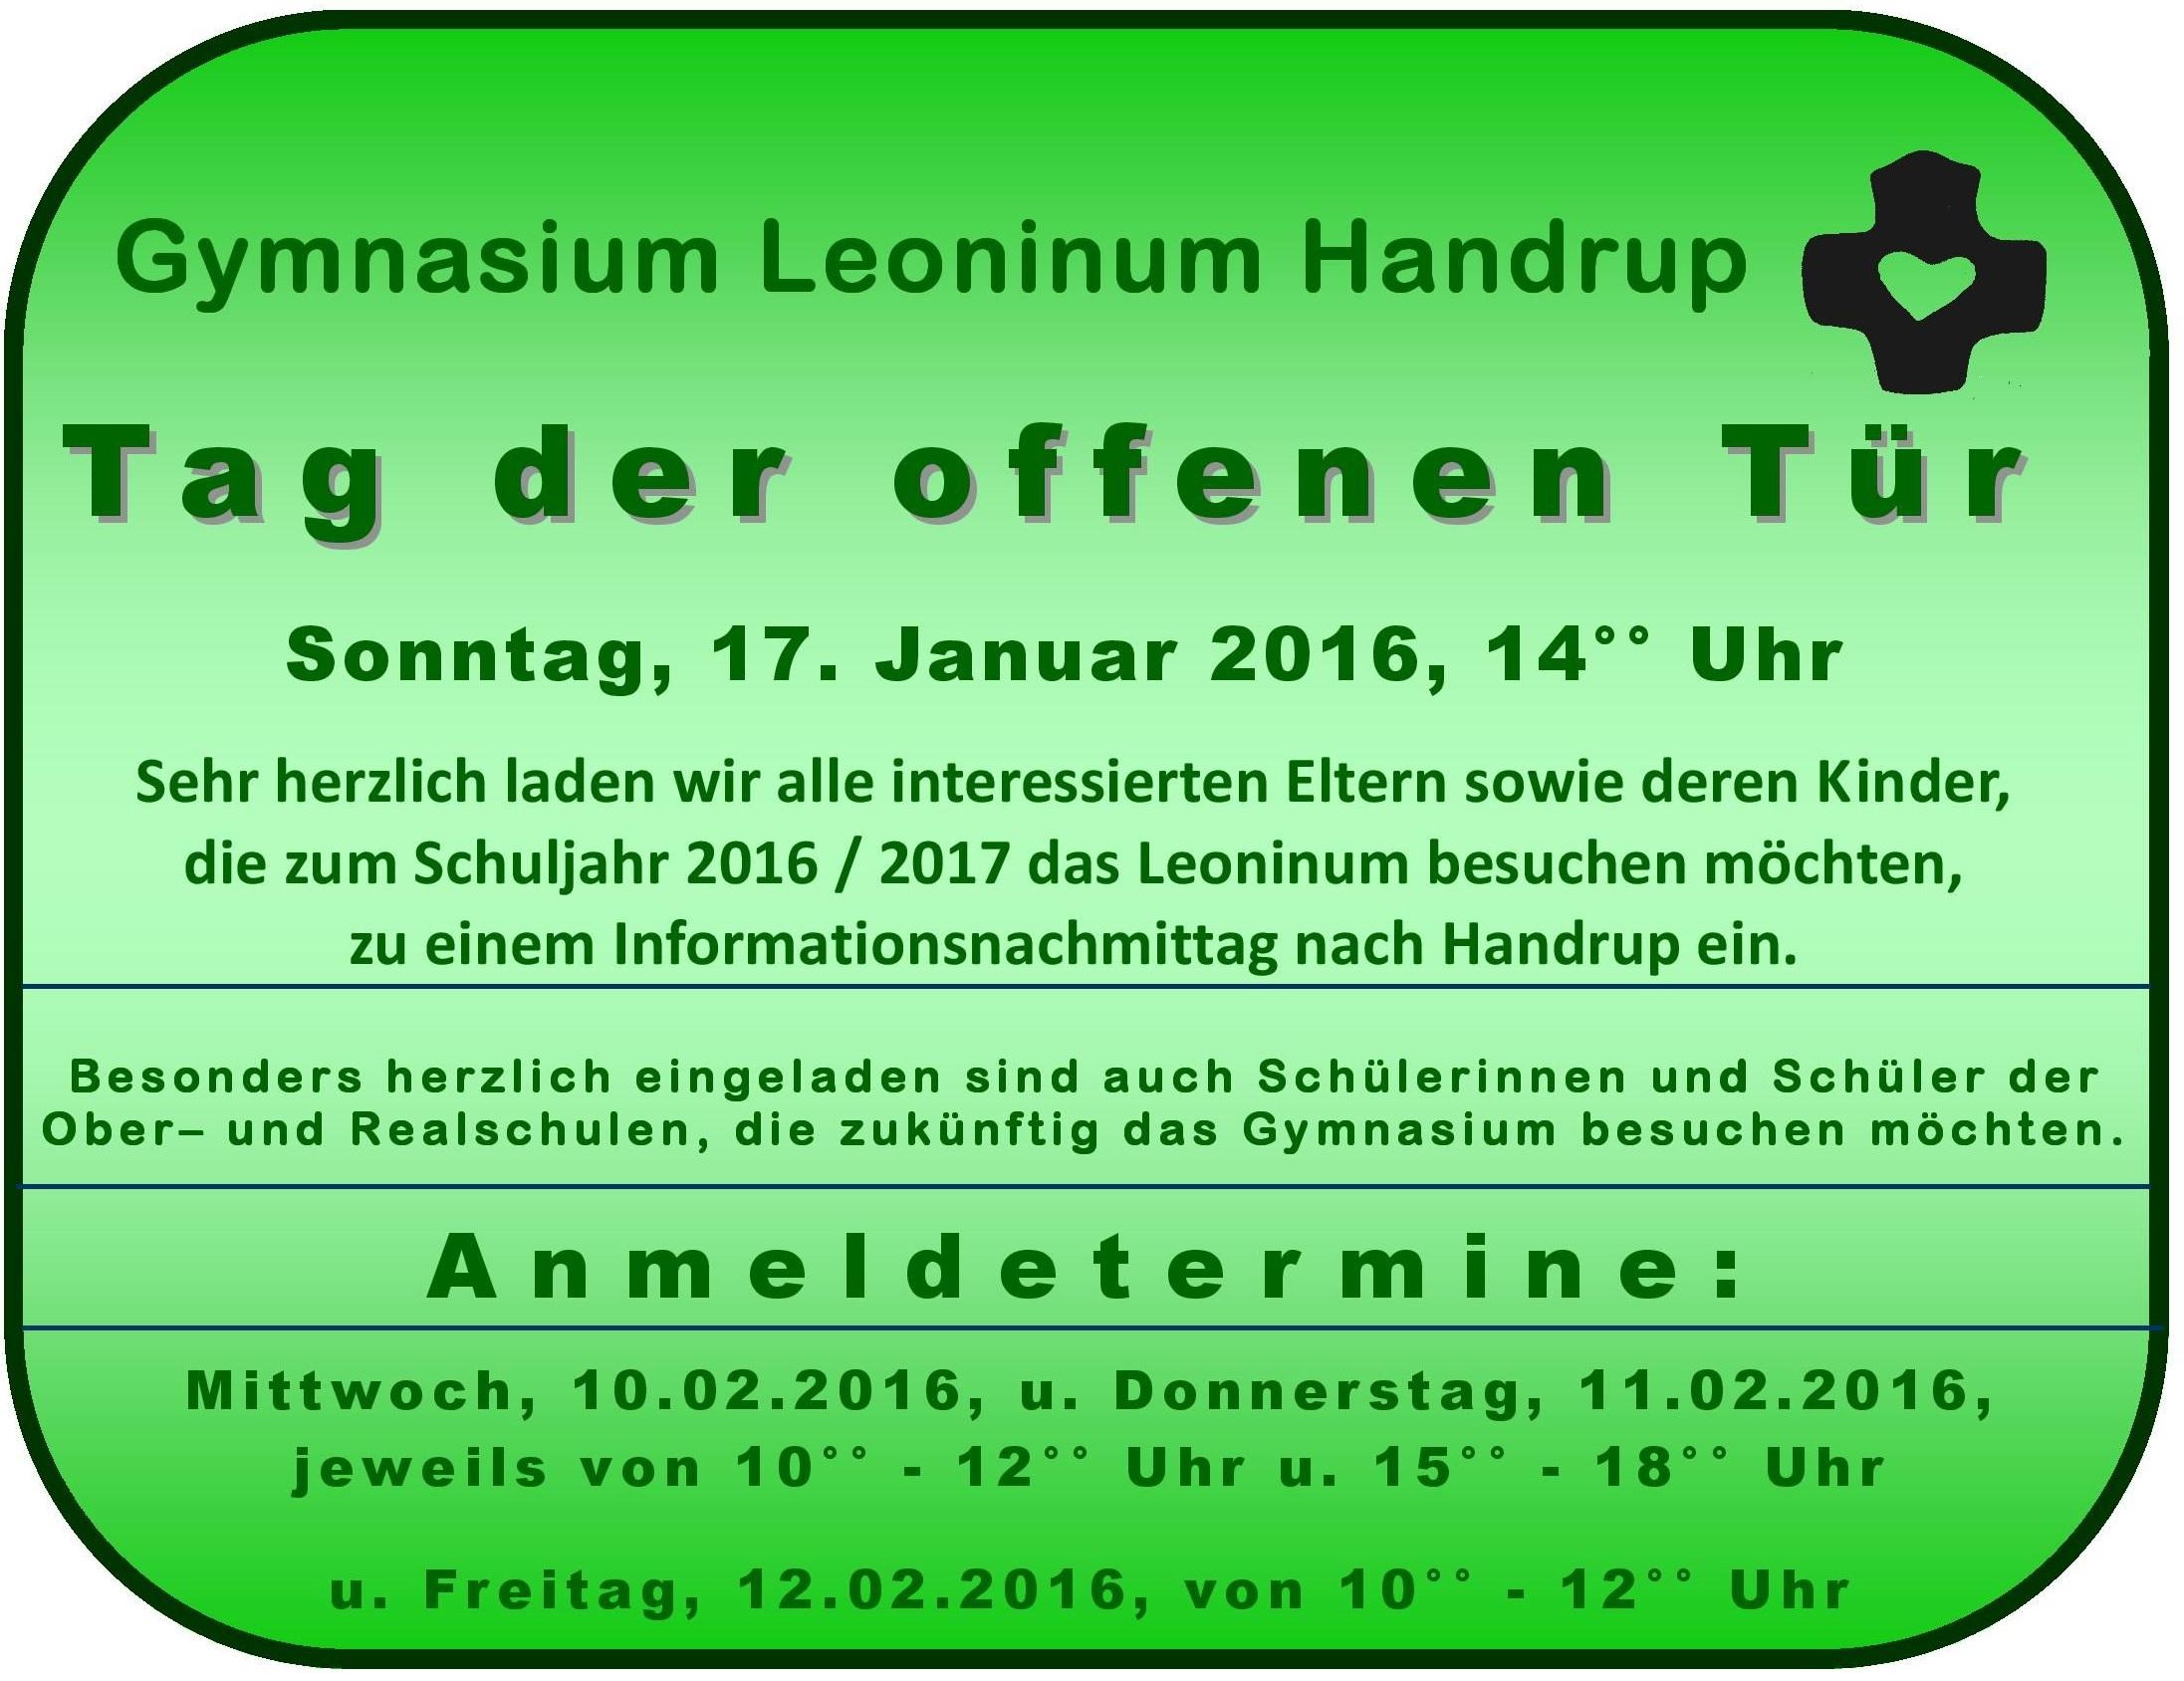 Tag der offenen türe  Tag der offenen Tür | Gymnasium Leoninum Handrup